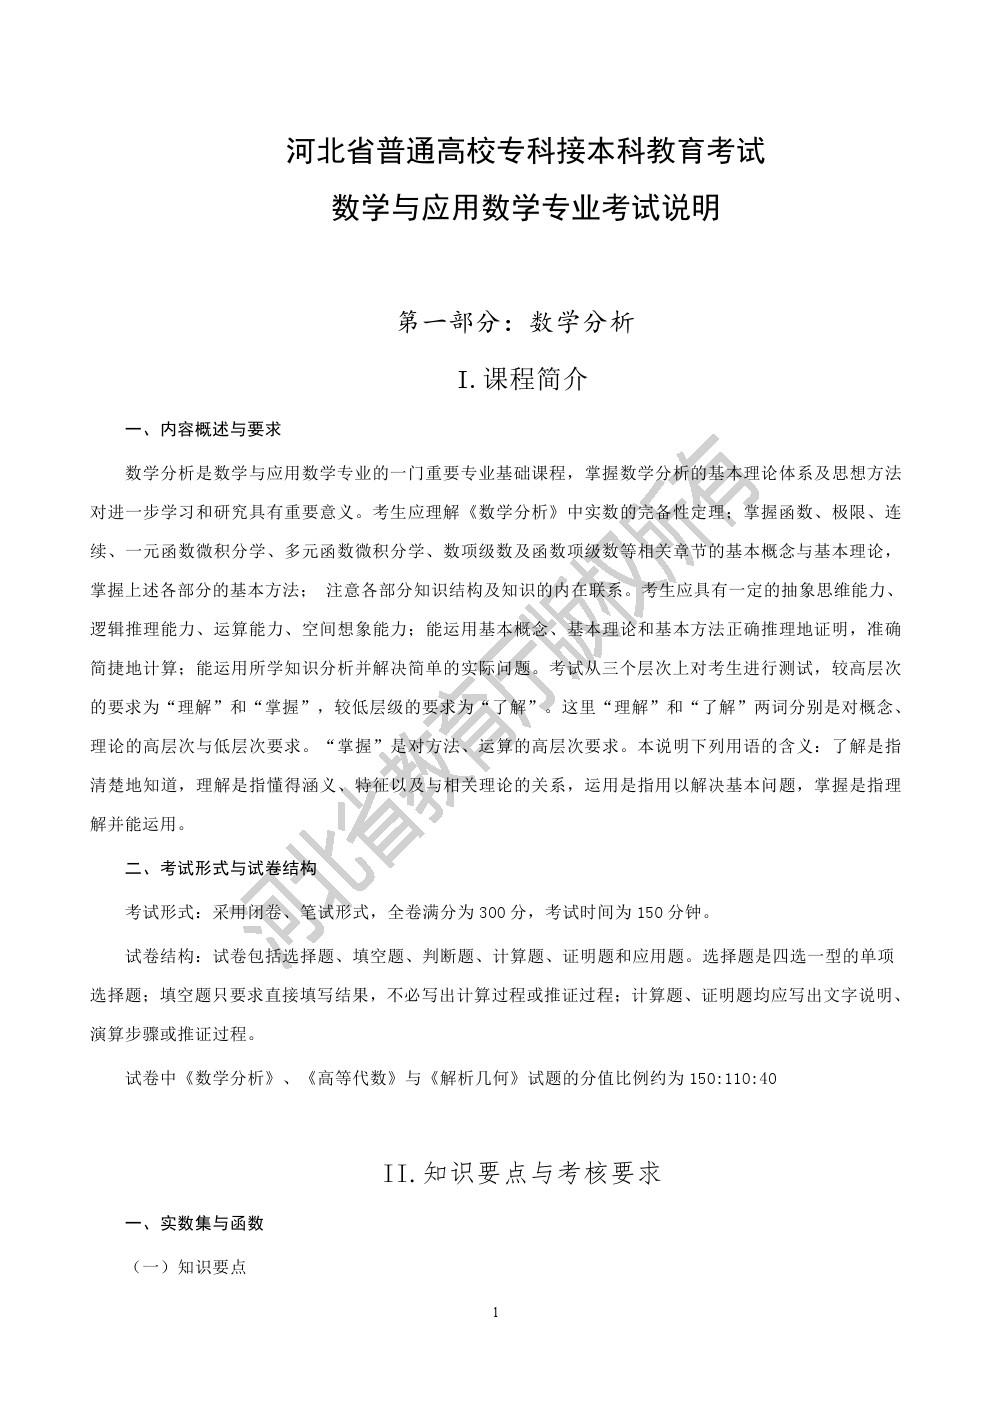 2020年河北省专接本考试理工类-数学与应用数学专业考试说明(高等代数、解析几何、数学分析)